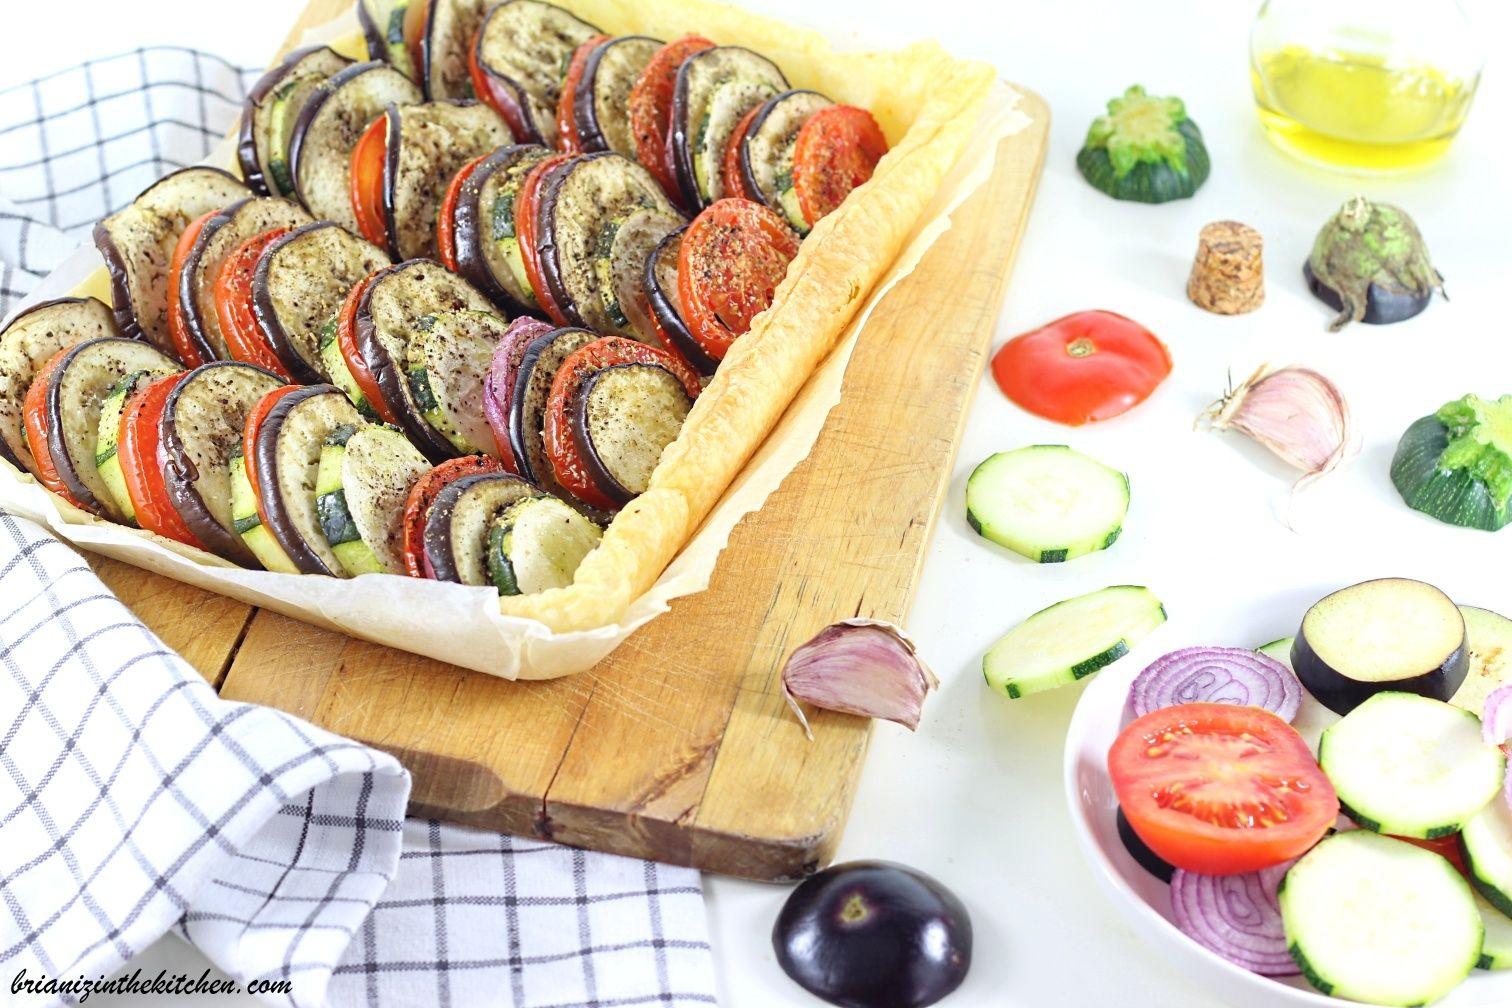 Recette Facile Du Tian Provencal tian provençal façon tarte feuilletée | radis, blÉ, oseille